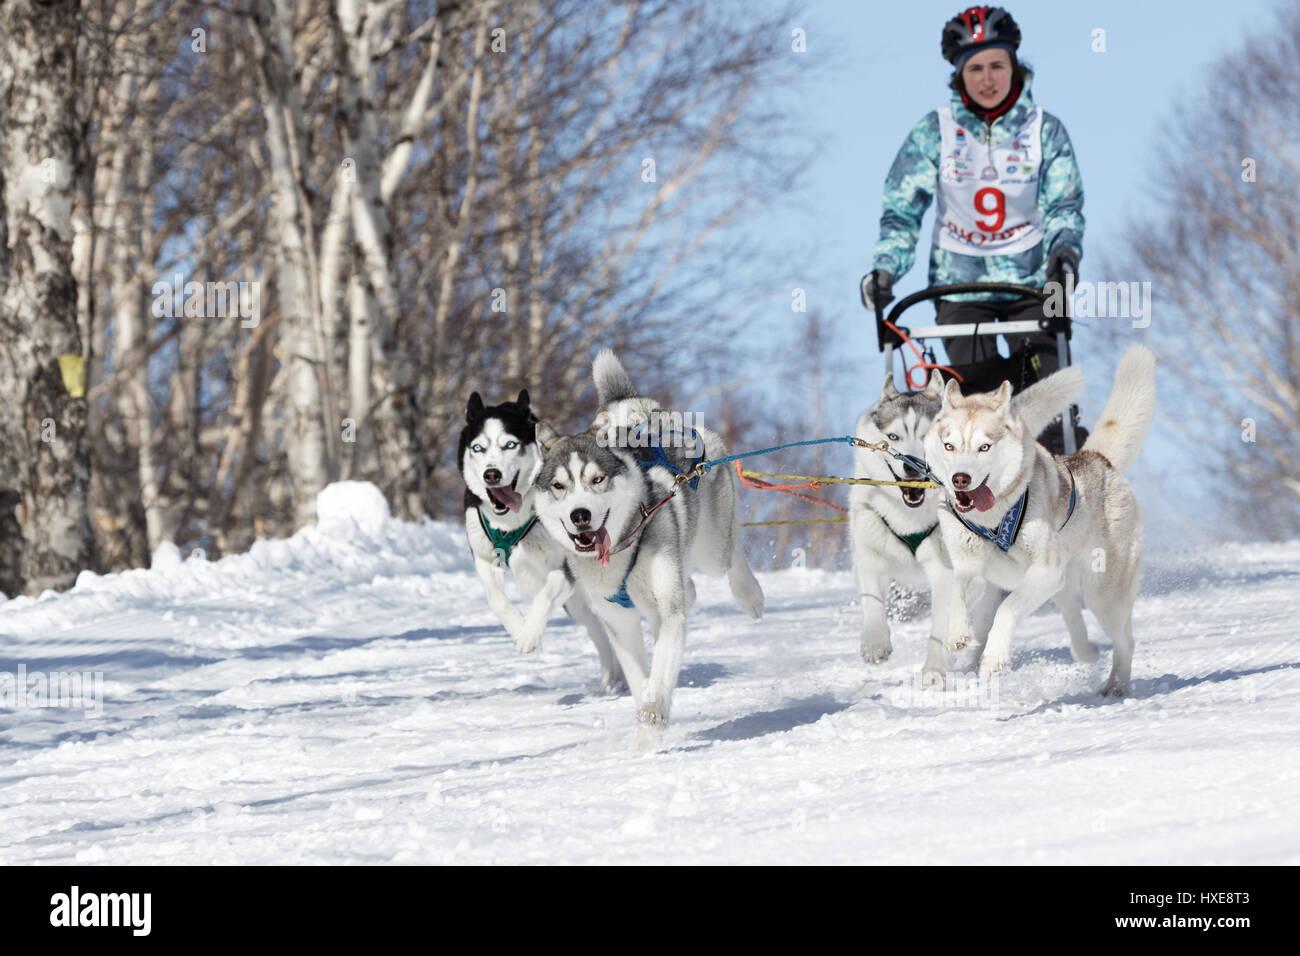 Kamchatka Peninsula, Russia: Kamchatka Kids Competitions